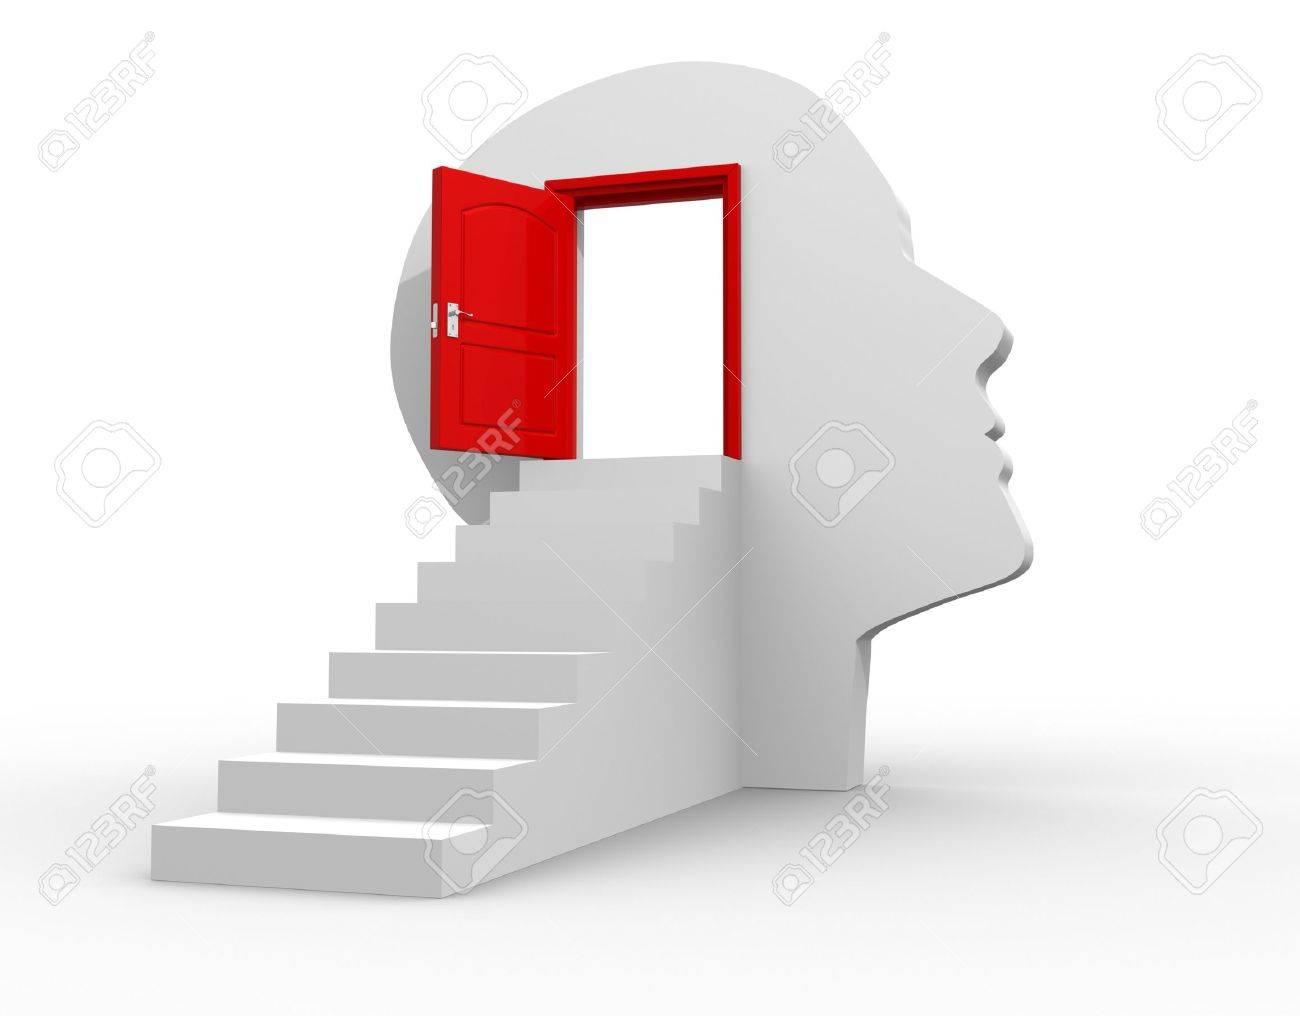 Human head with an open door - 3d render illustration Stock Photo - 14767382